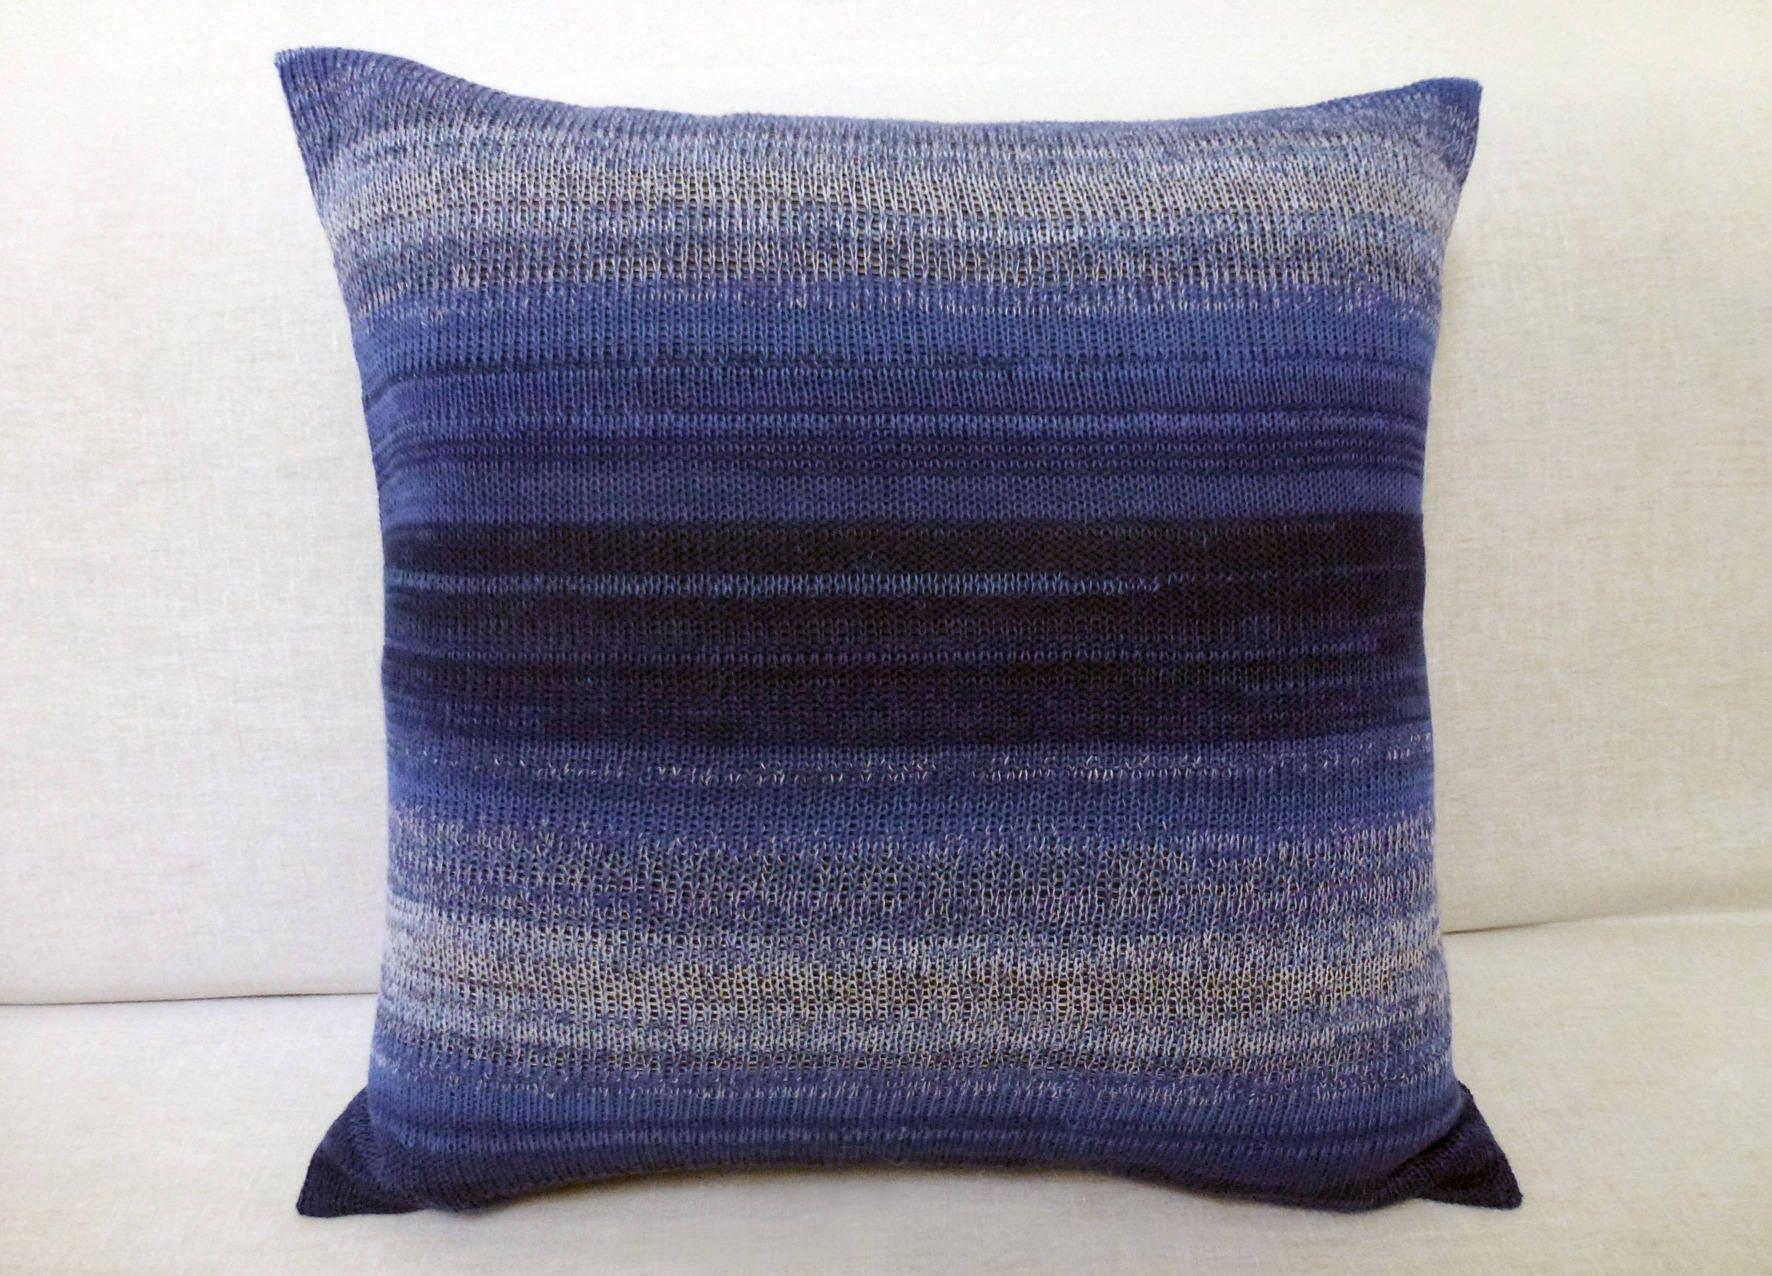 Housse de coussin d corative en tricot effet rayures bleues - Housse de coussin en tricot ...